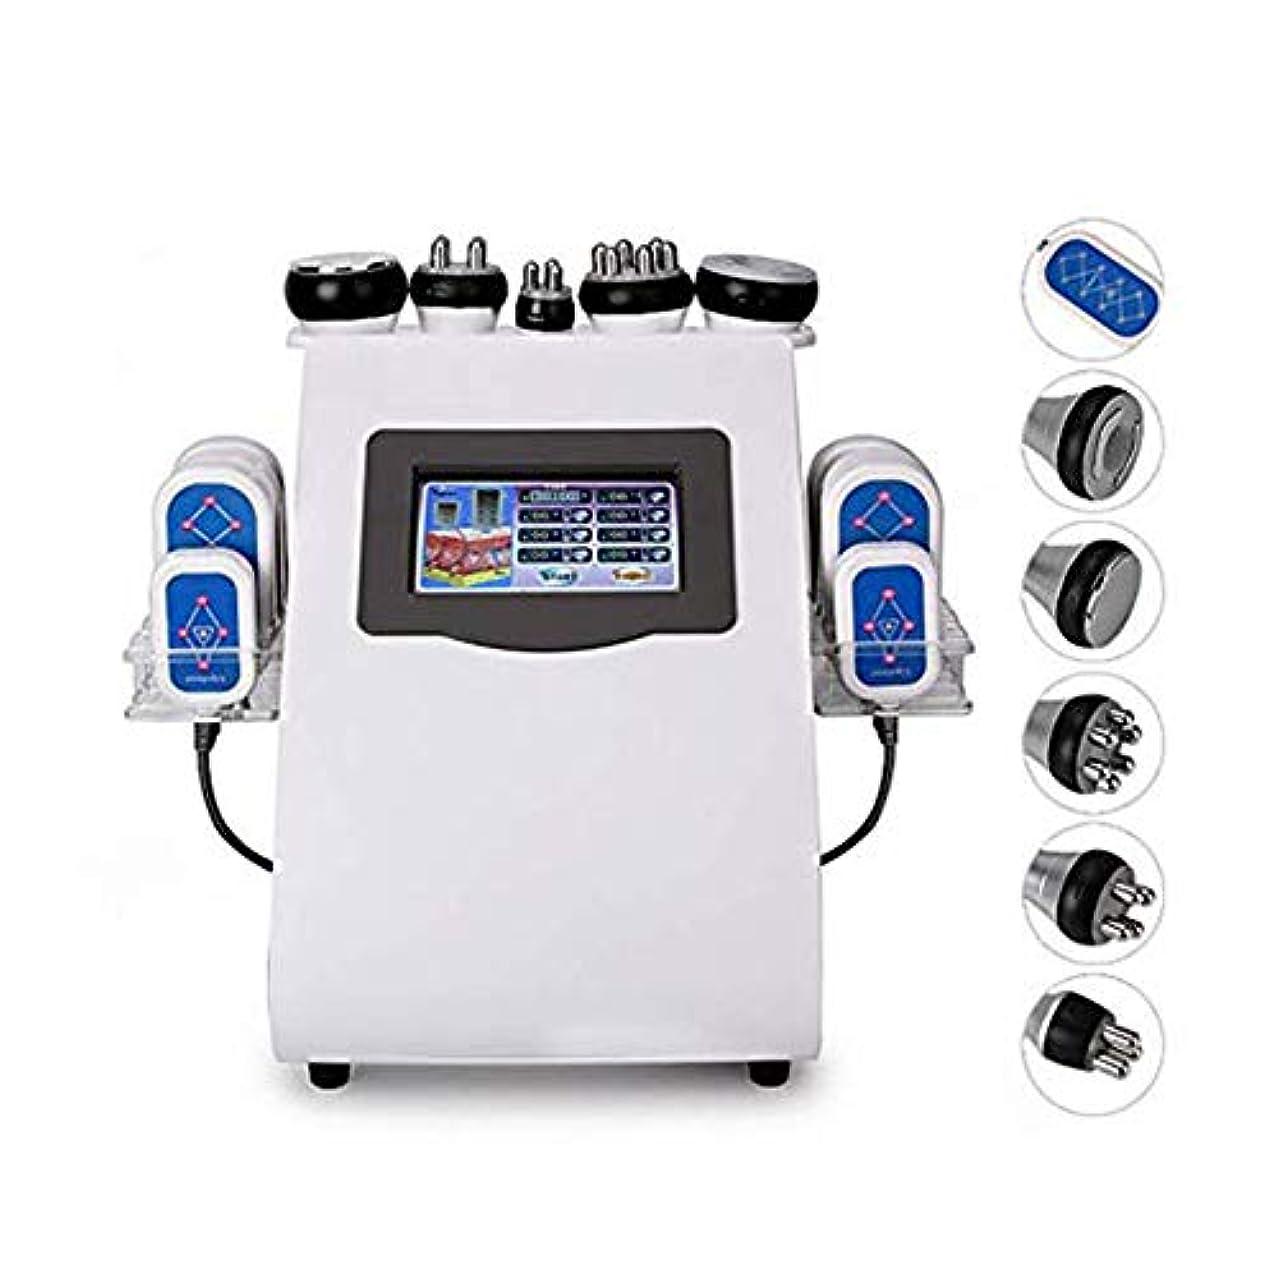 突っ込むアストロラーベコンテスト超音波キャビテーション抗セルライトネガティブボディ痩身マシン、脂肪燃焼と無線周波数アンチエイジングスキンリフティング引き締めしわ美容機器の除去